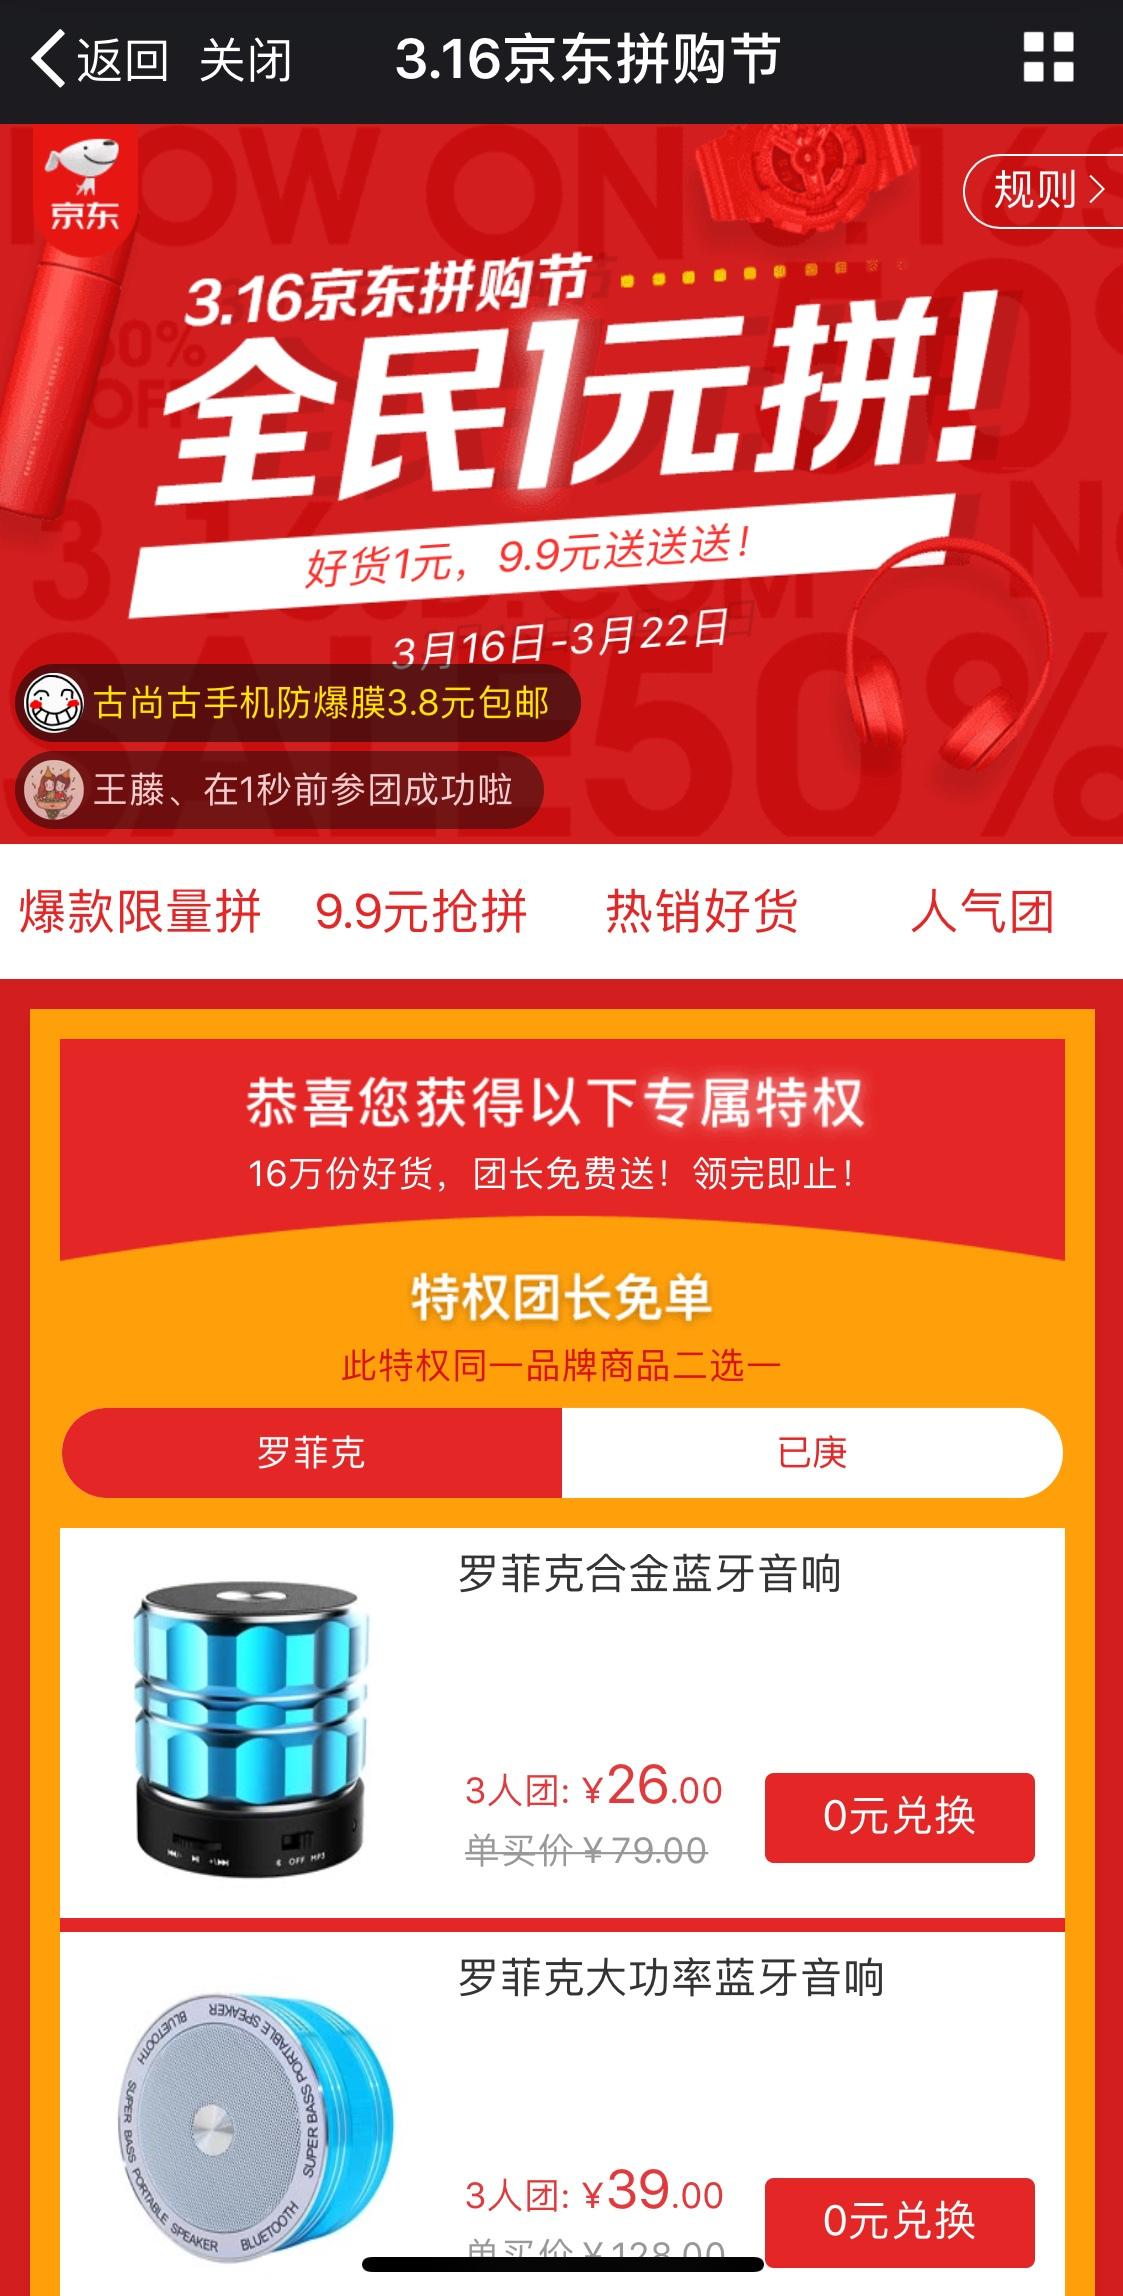 平台护航社交赋能 京东拼购助力中小品牌零售突围